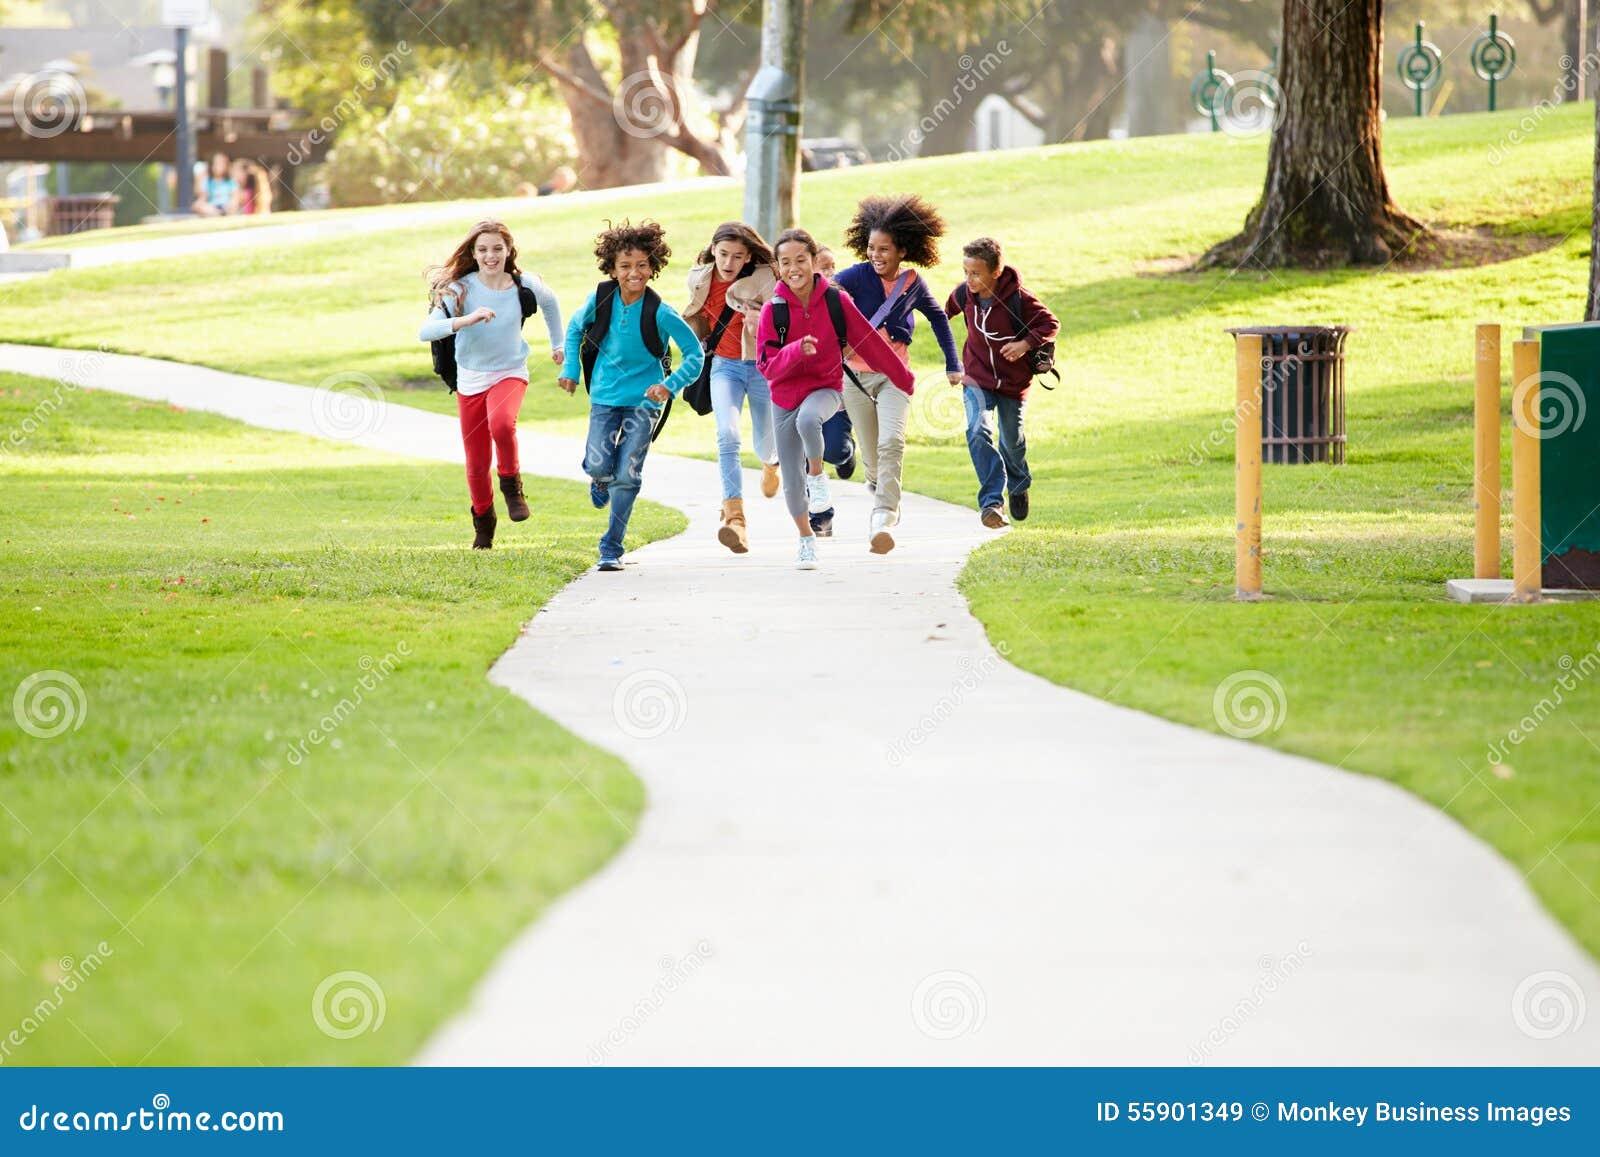 Gruppen av barn som kör längs banan in mot kamera parkerar in